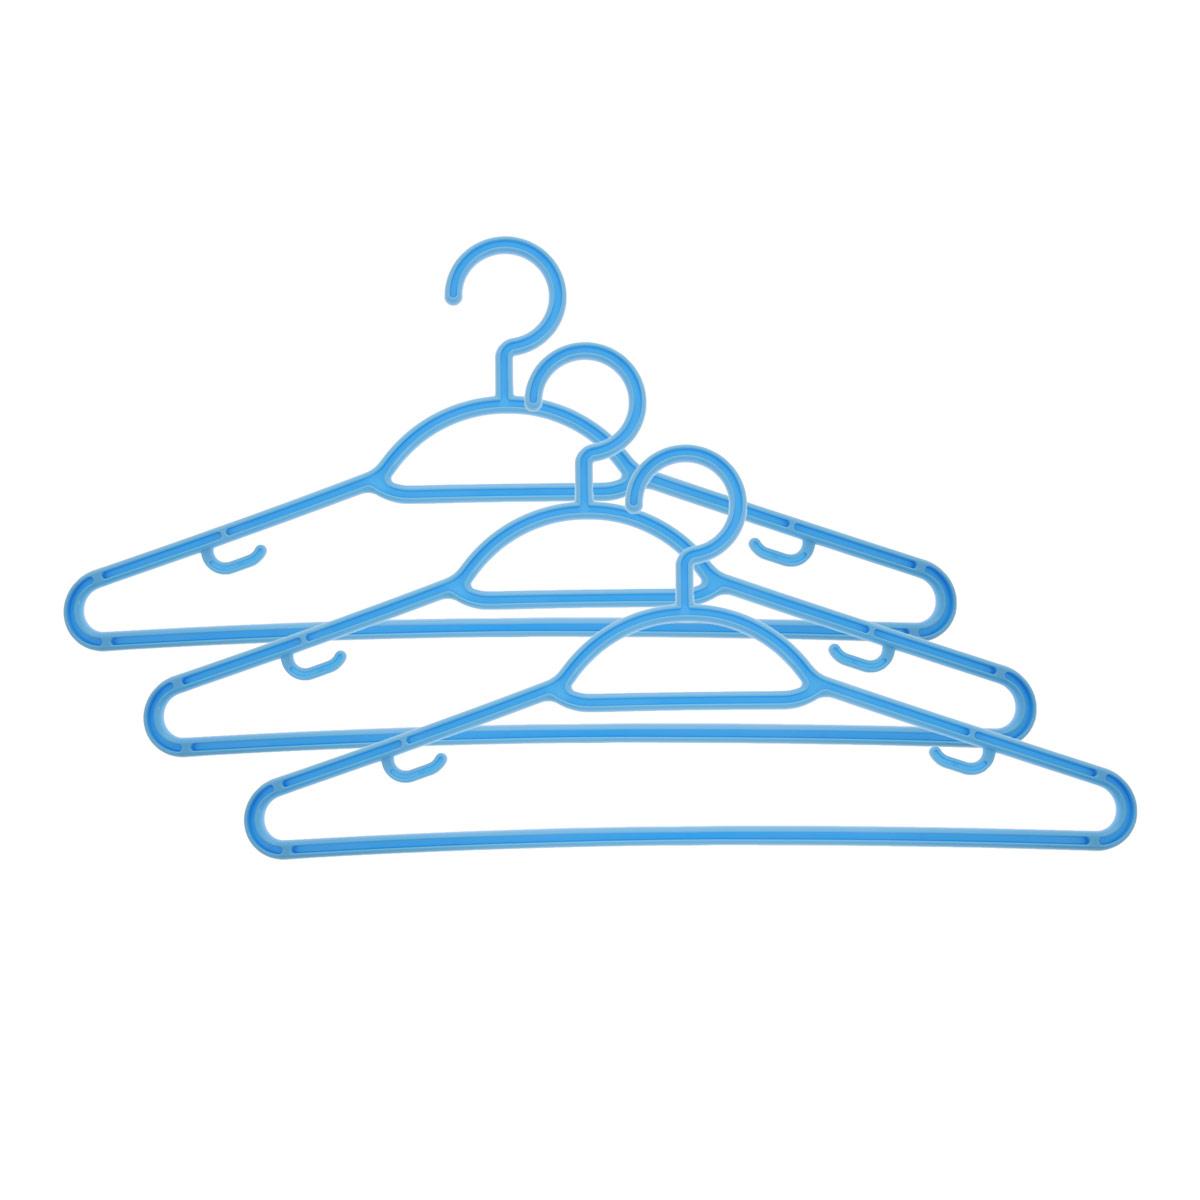 Набор вешалок Econova, с перекладиной, с крючками, цвет: голубой, размер 48, 3 шт. С12356С12356Набор Econova выполненный из прочного пластика, состоит из 3 вешалок. Каждое изделие оснащено перекладиной и боковыми крючками. Вешалка - это незаменимая вещь для того, чтобы ваша одежда всегда оставалась в хорошем состоянии. Комплектация: 3 шт. Размер одежды: 48.